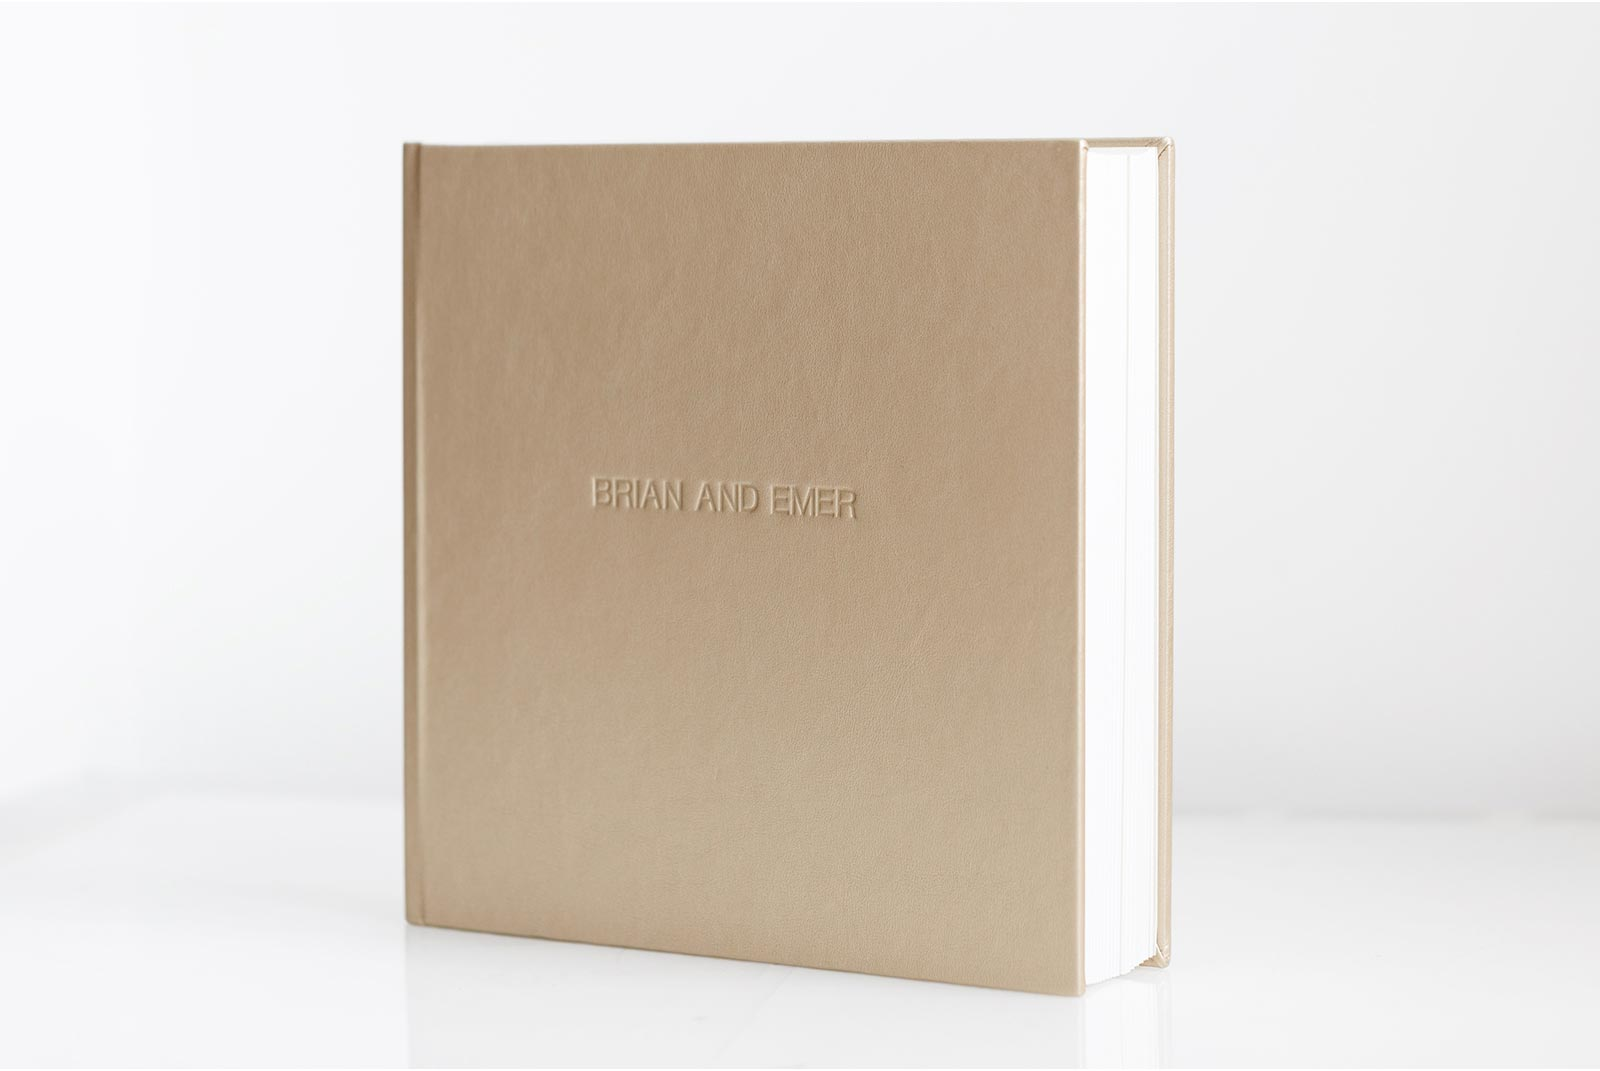 Queensberry blind embossed wedding album